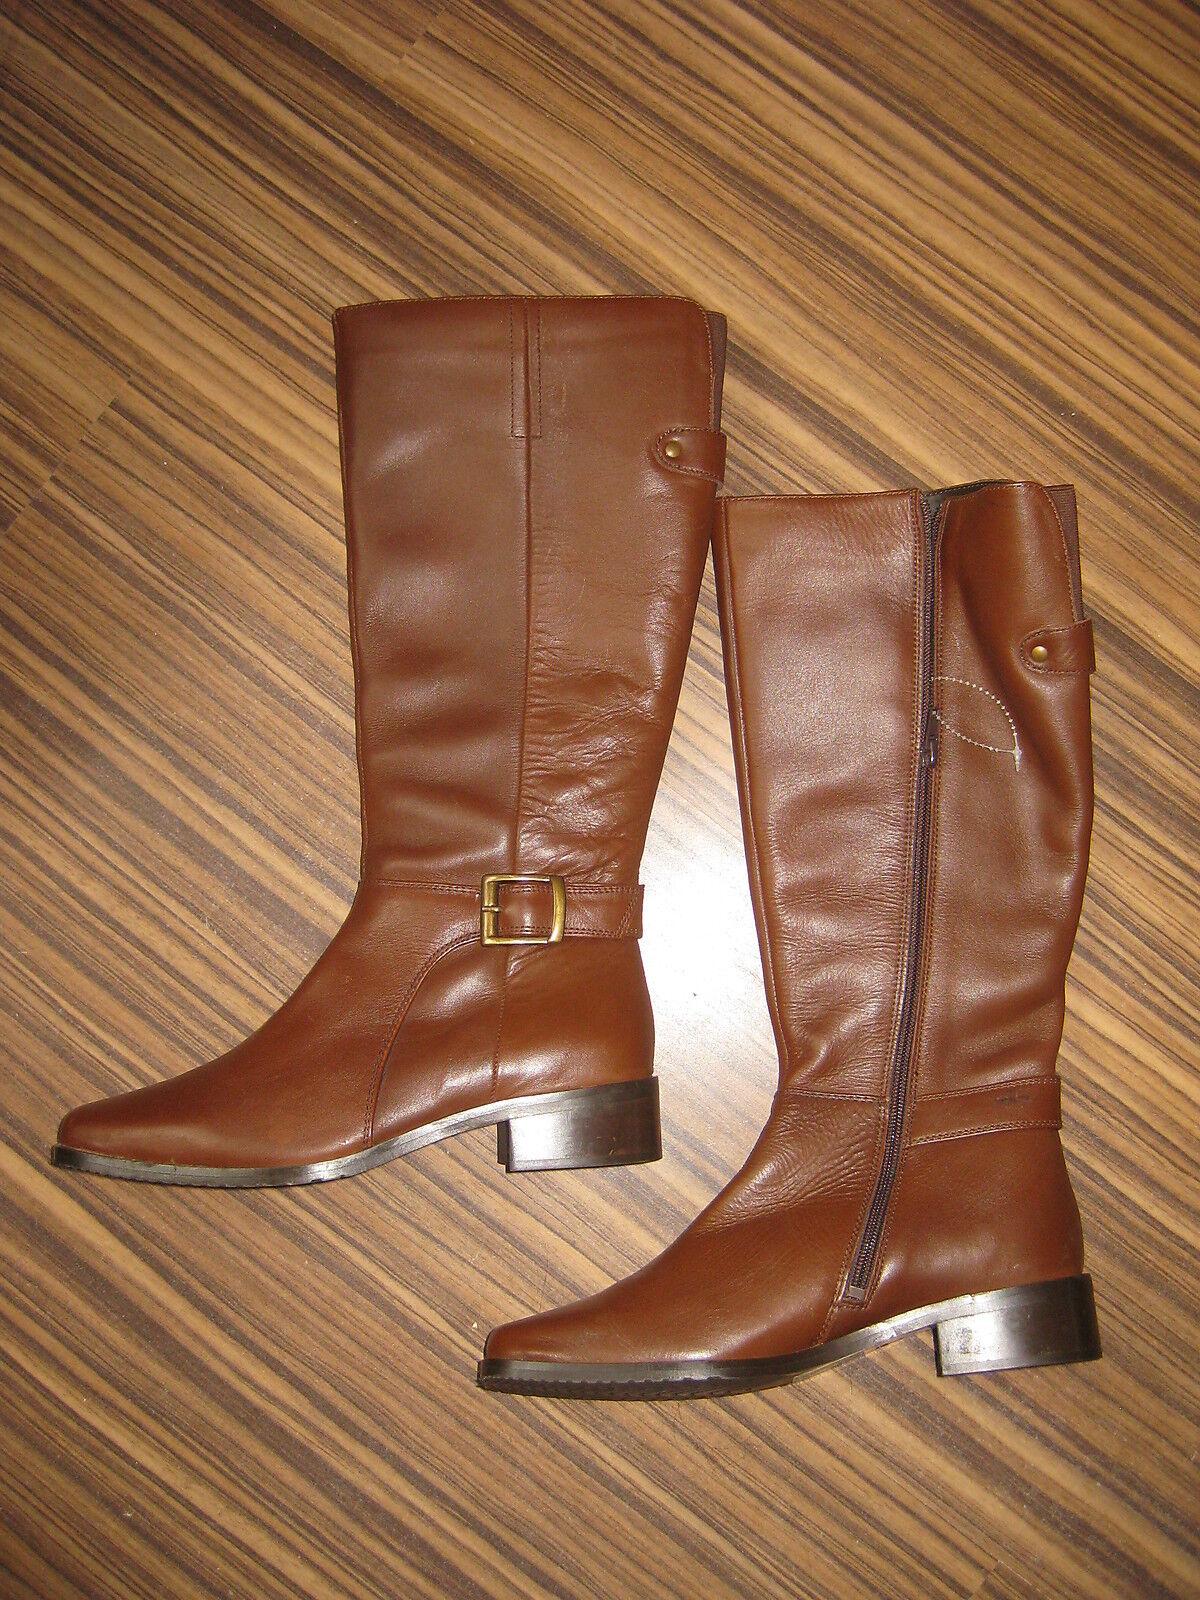 Sally botas marrón de cuero nuevo